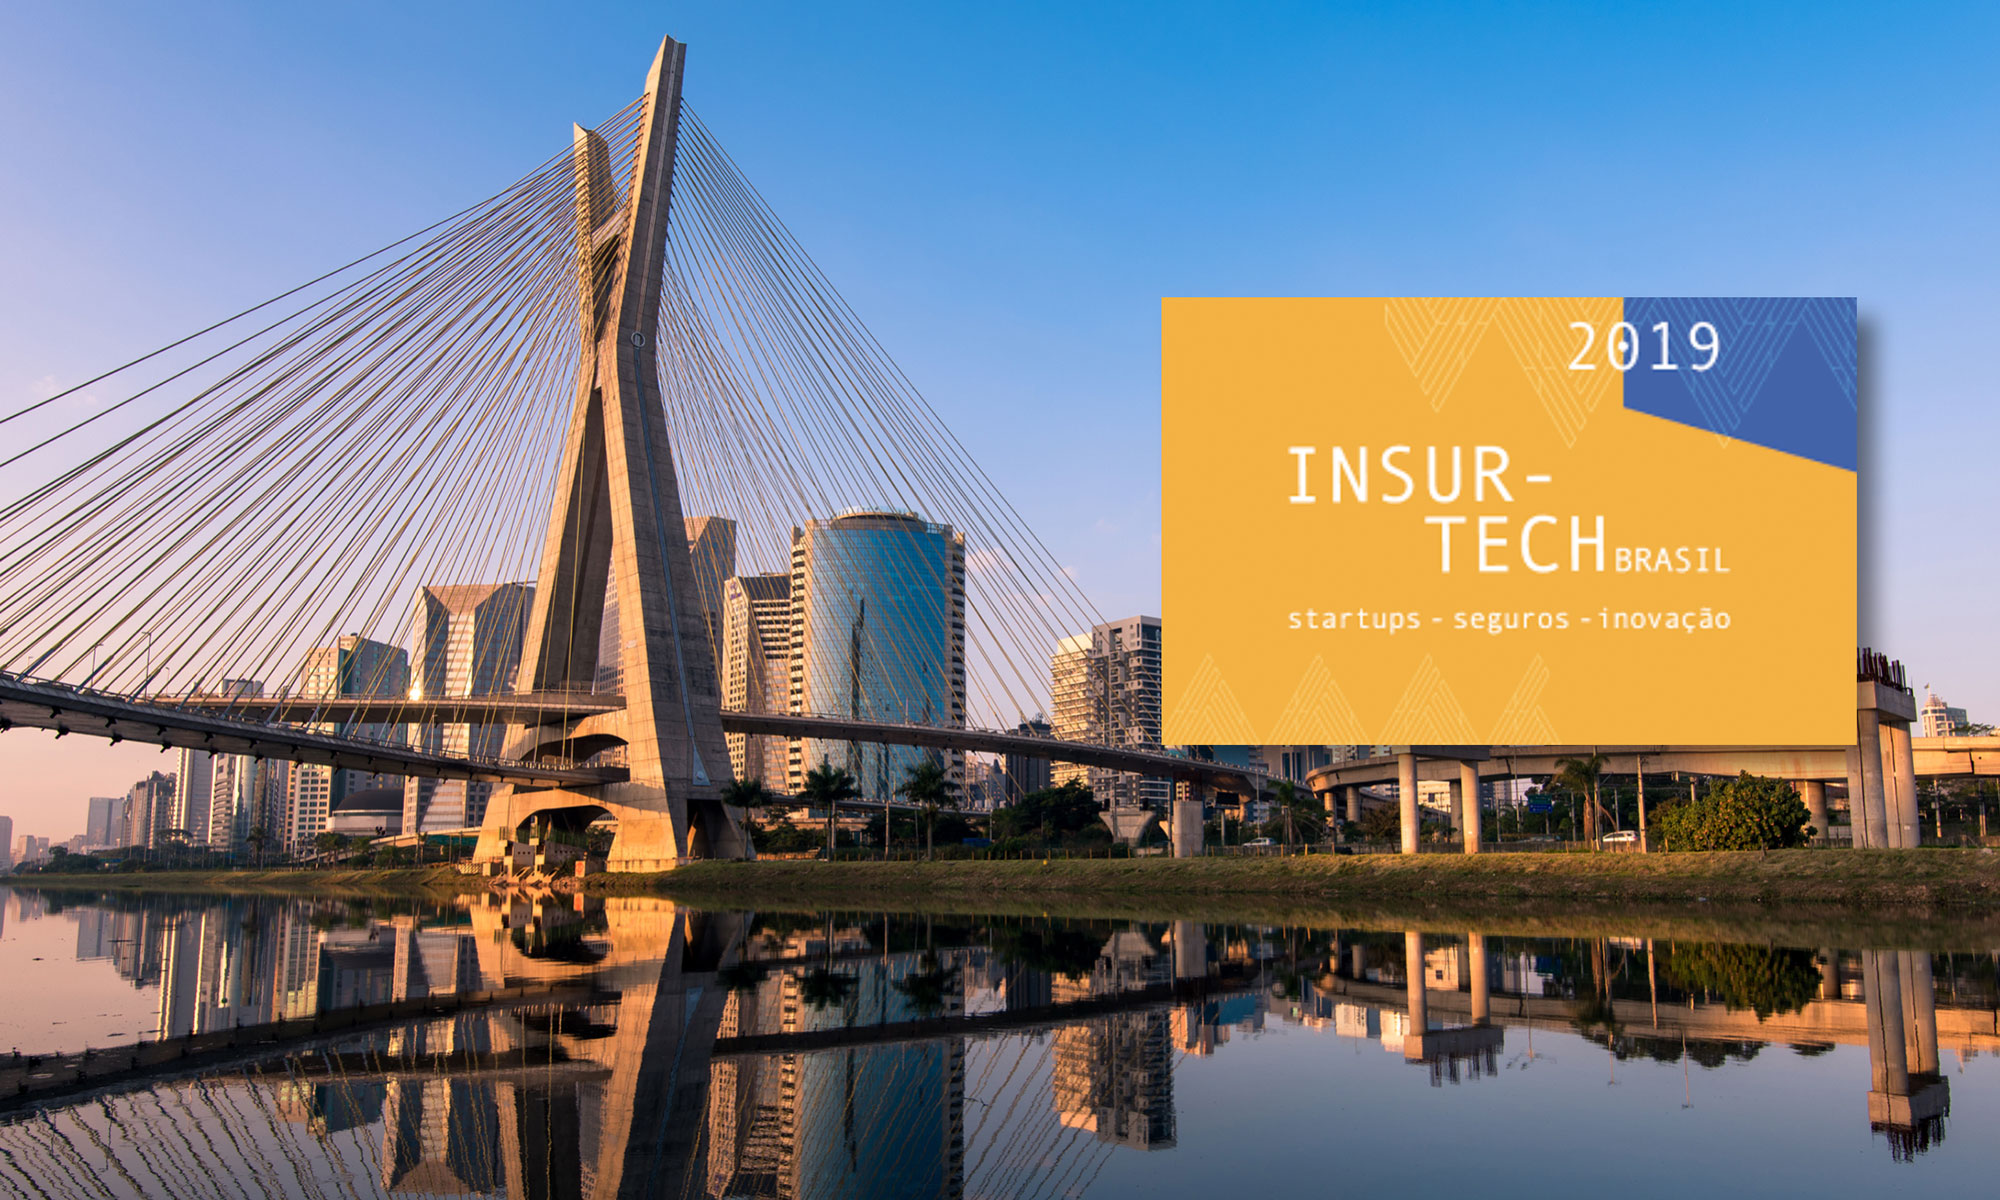 Insurtech Brazil 2019